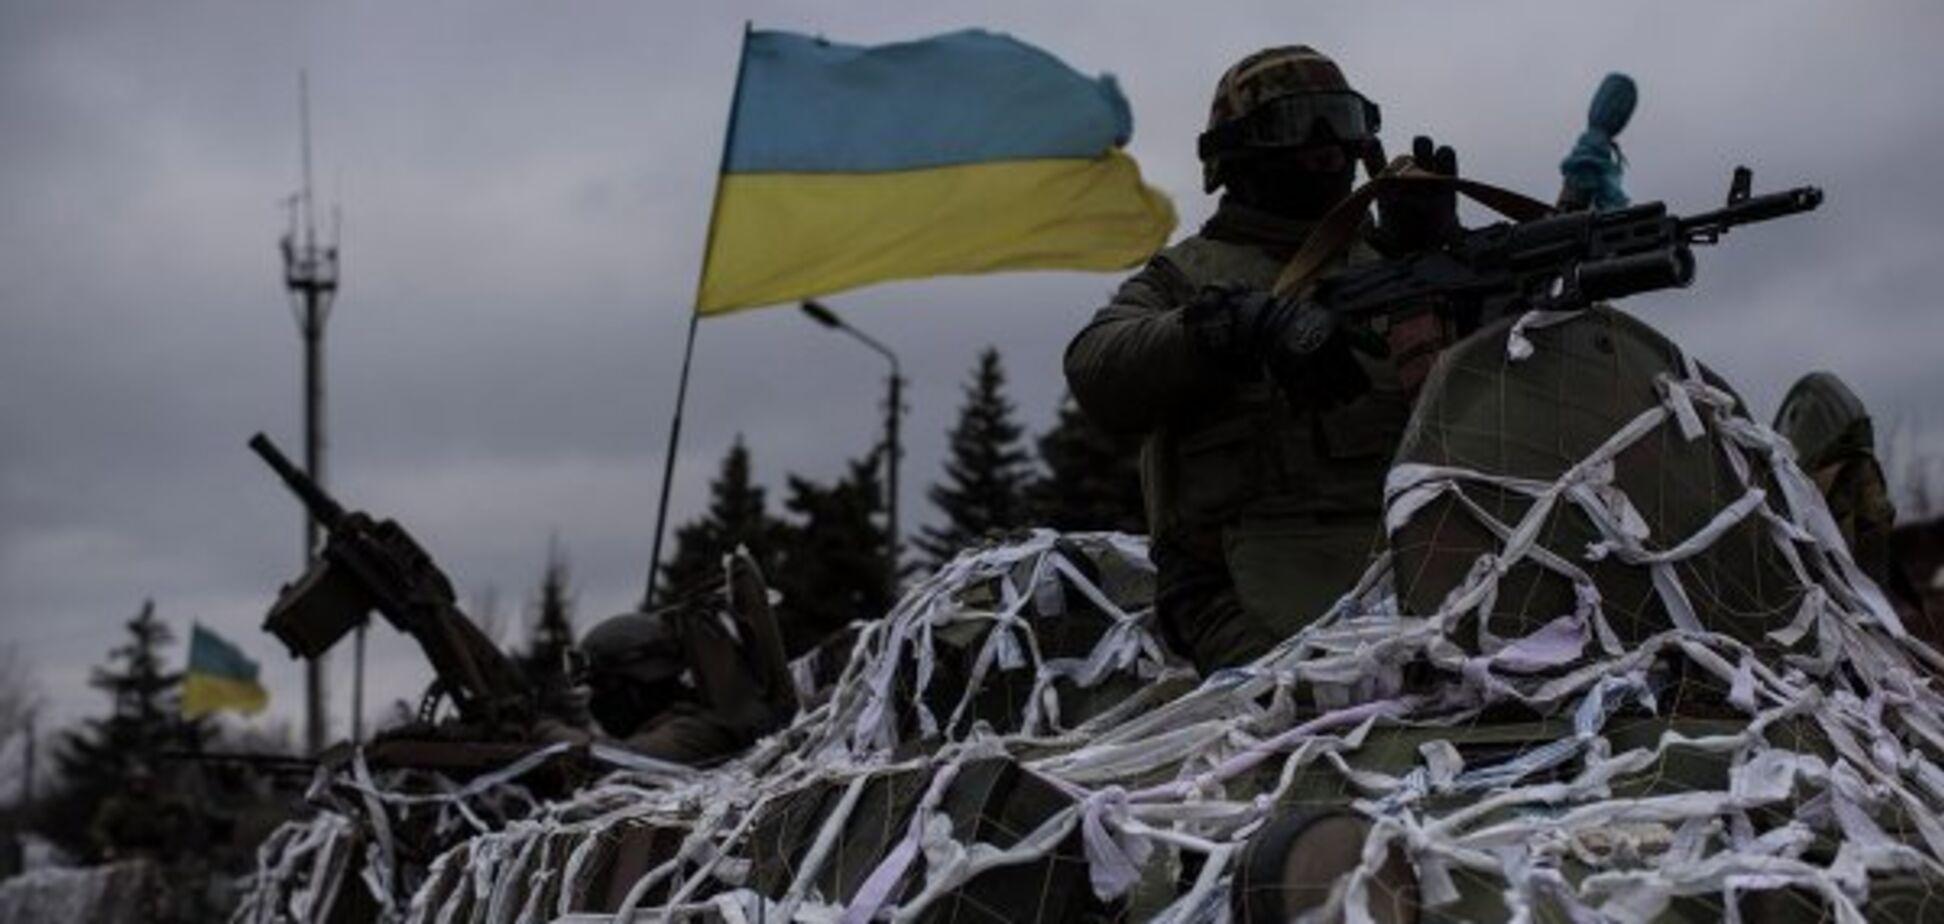 Росії не сподобається: Україна посилила угруповання ЗСУ на небезпечних напрямках